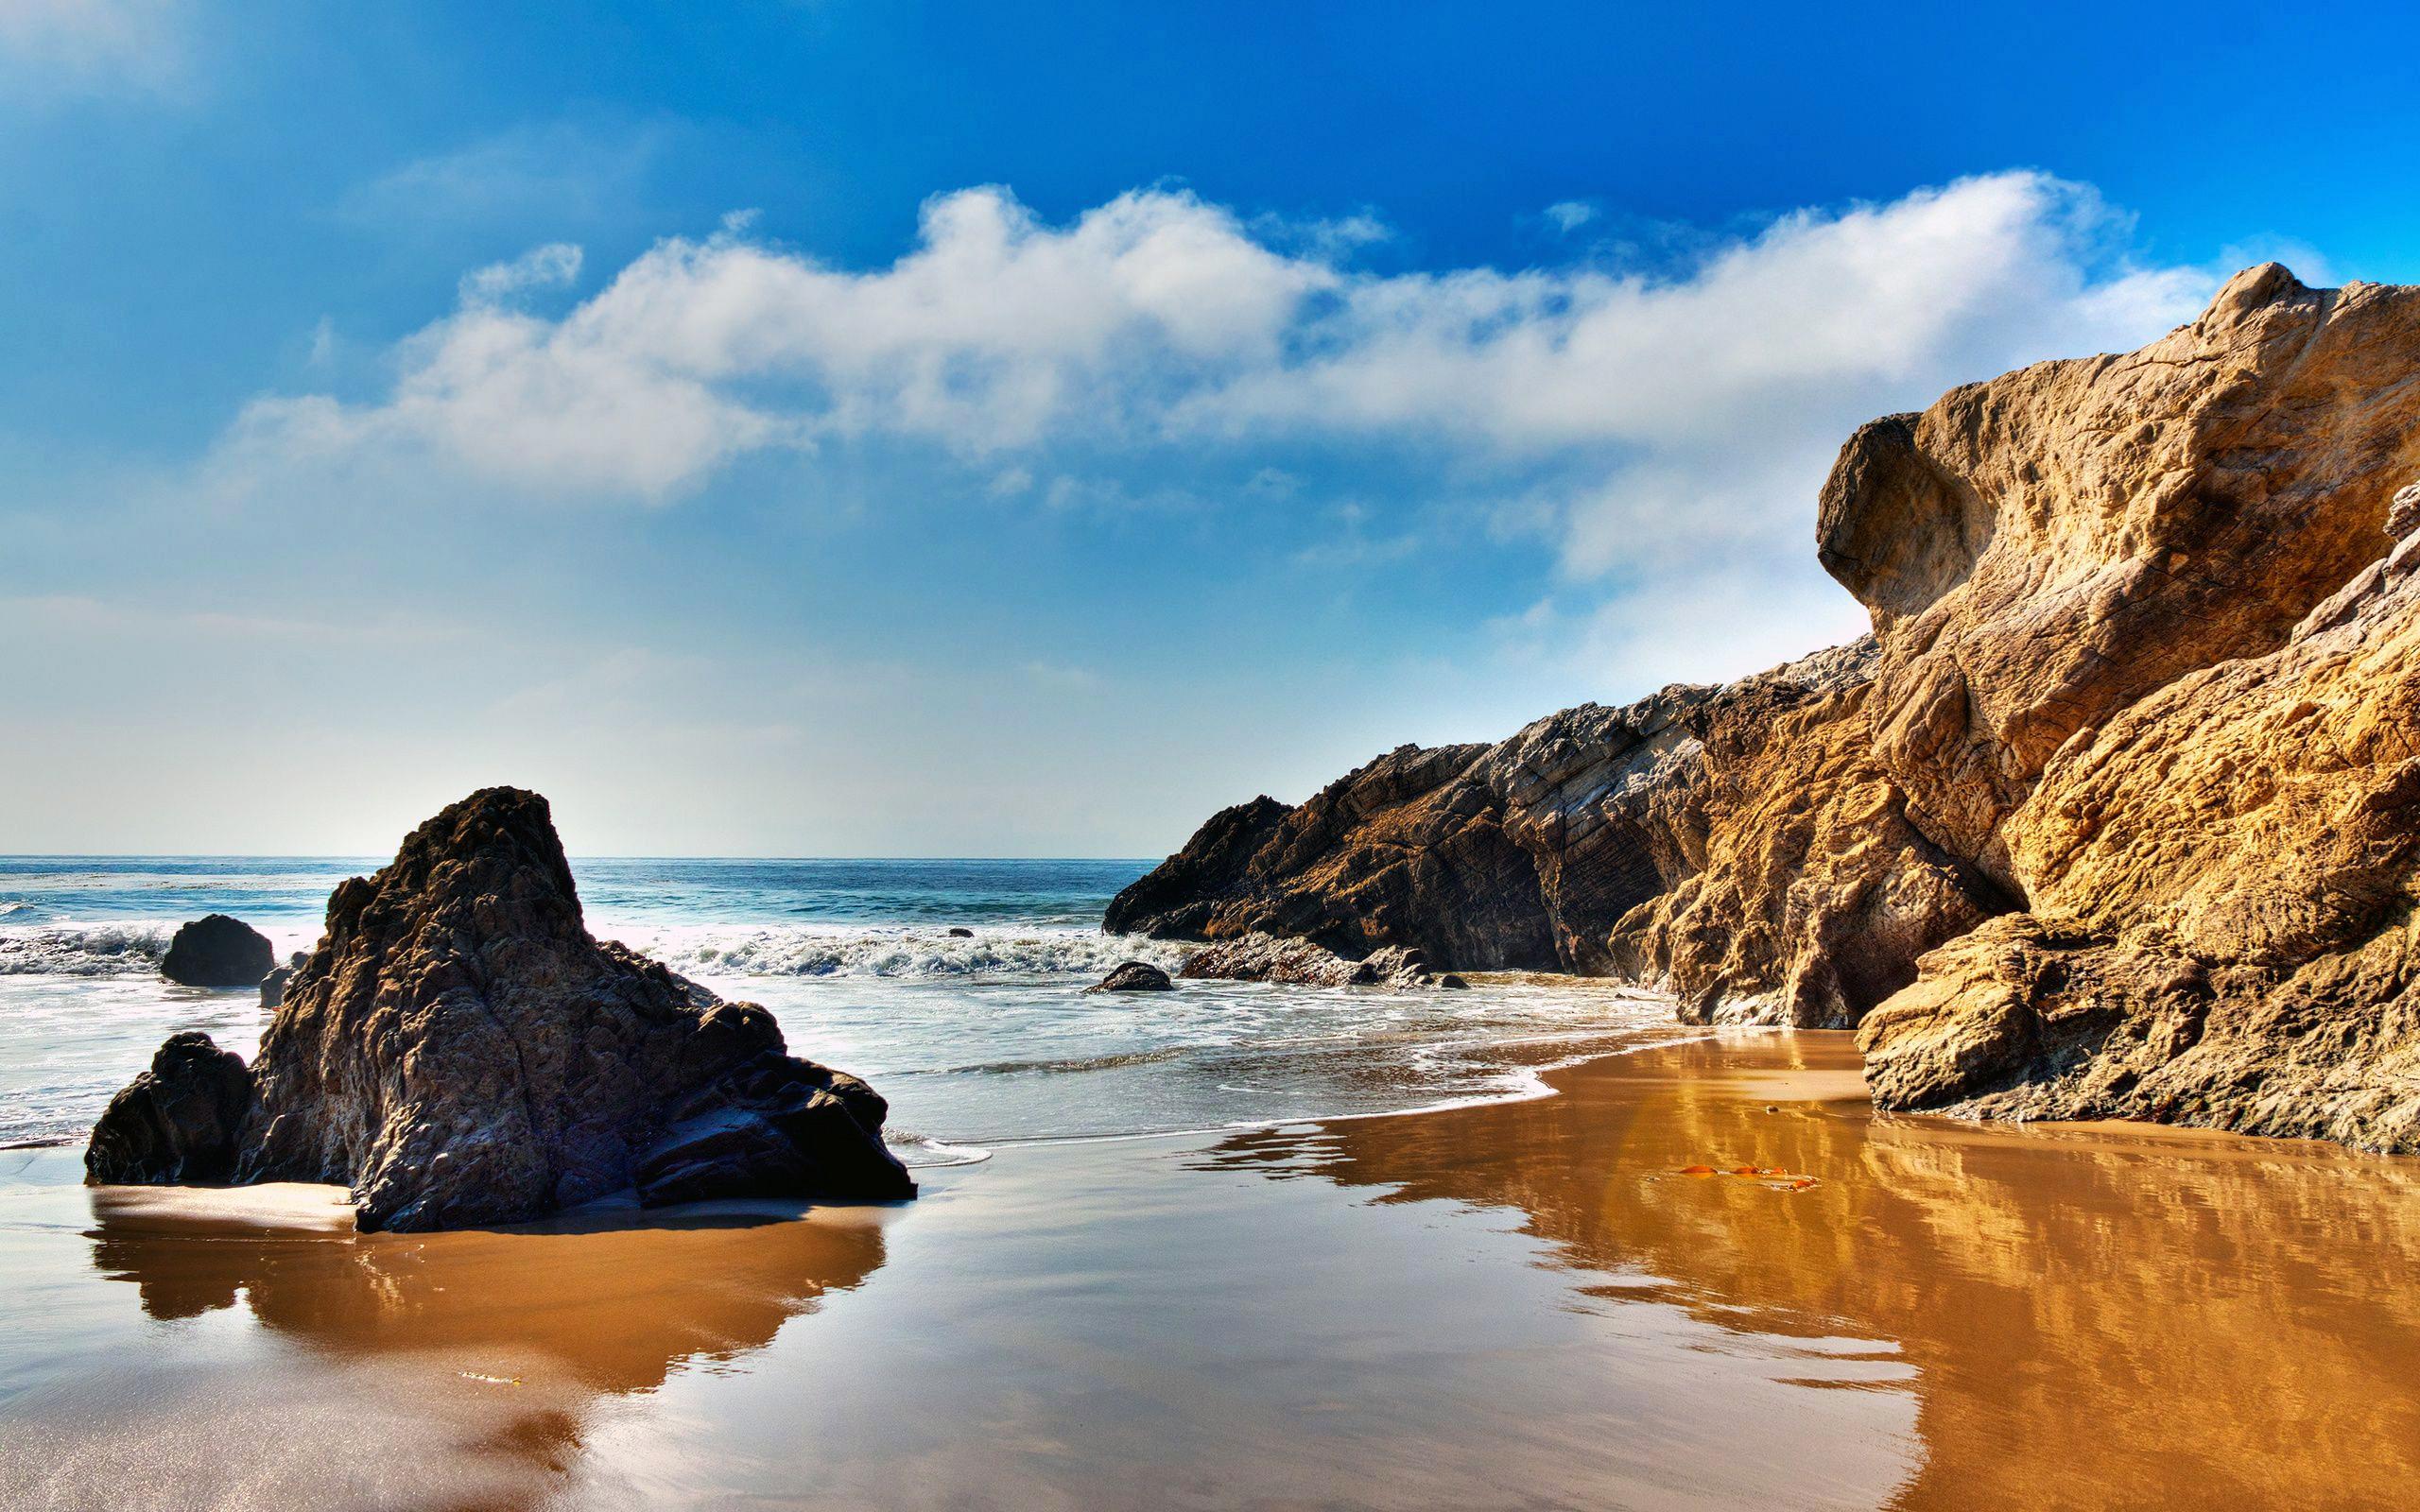 Pacific Ocean Temperatures on California Coast ...  |Pacific Ocean California